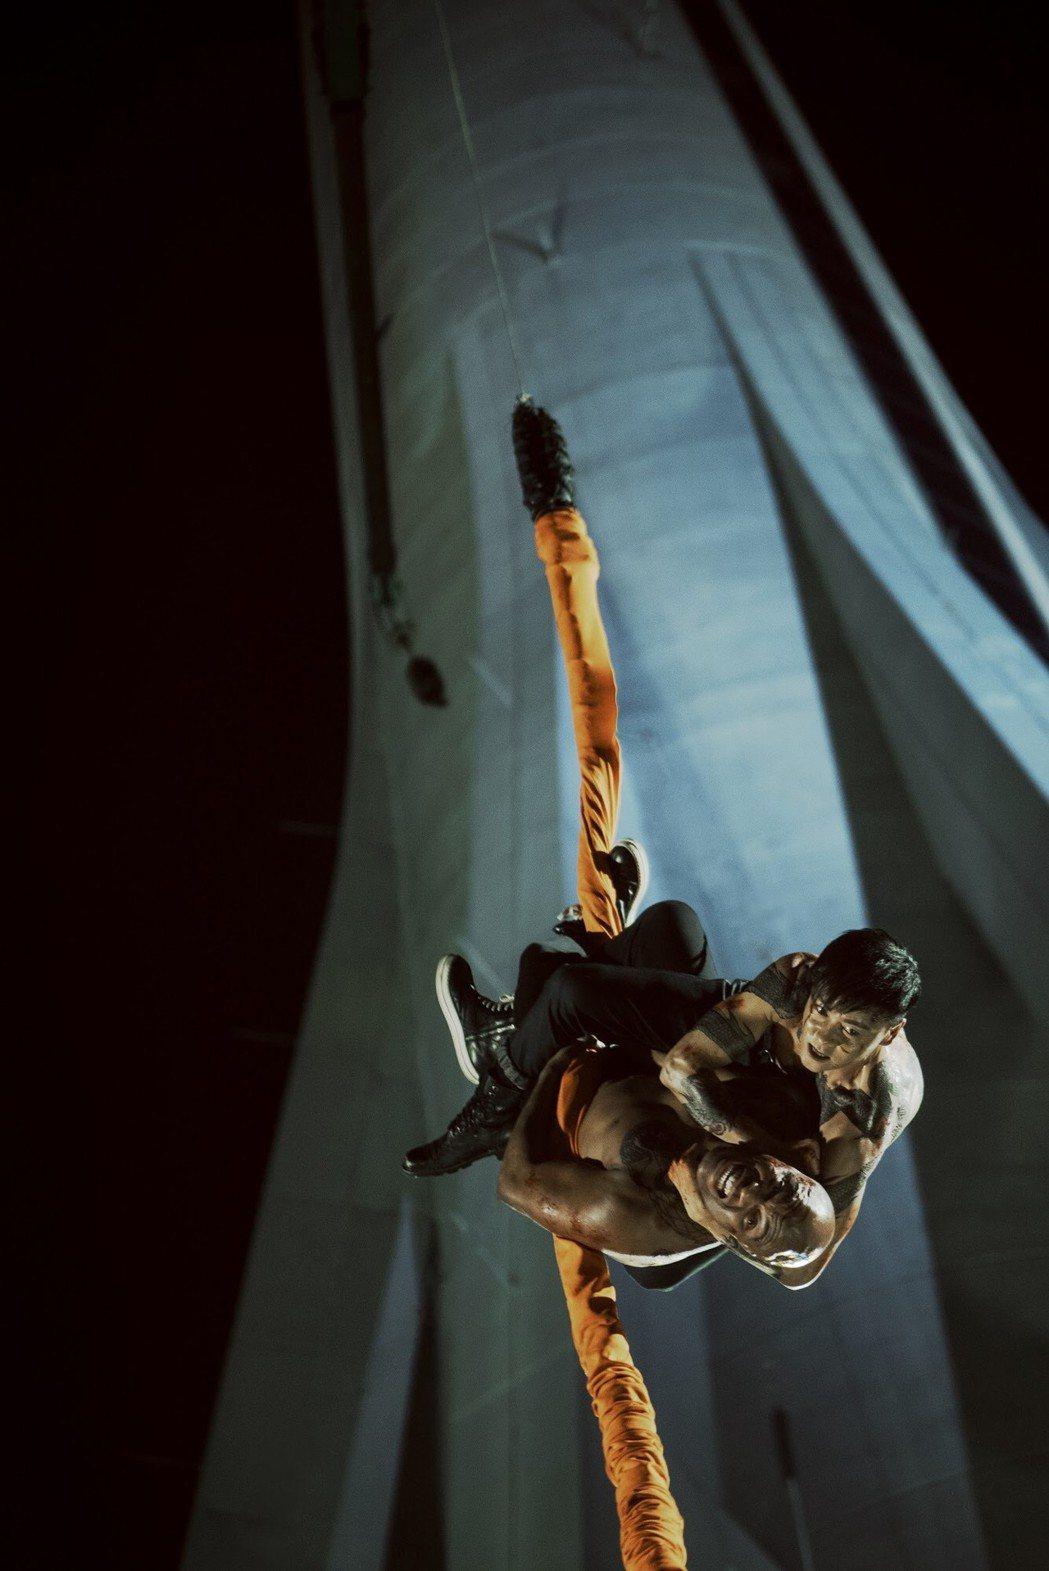 張晉和世界拳王安德森席爾瓦從澳門旅遊塔一路打下來。圖/華映提供